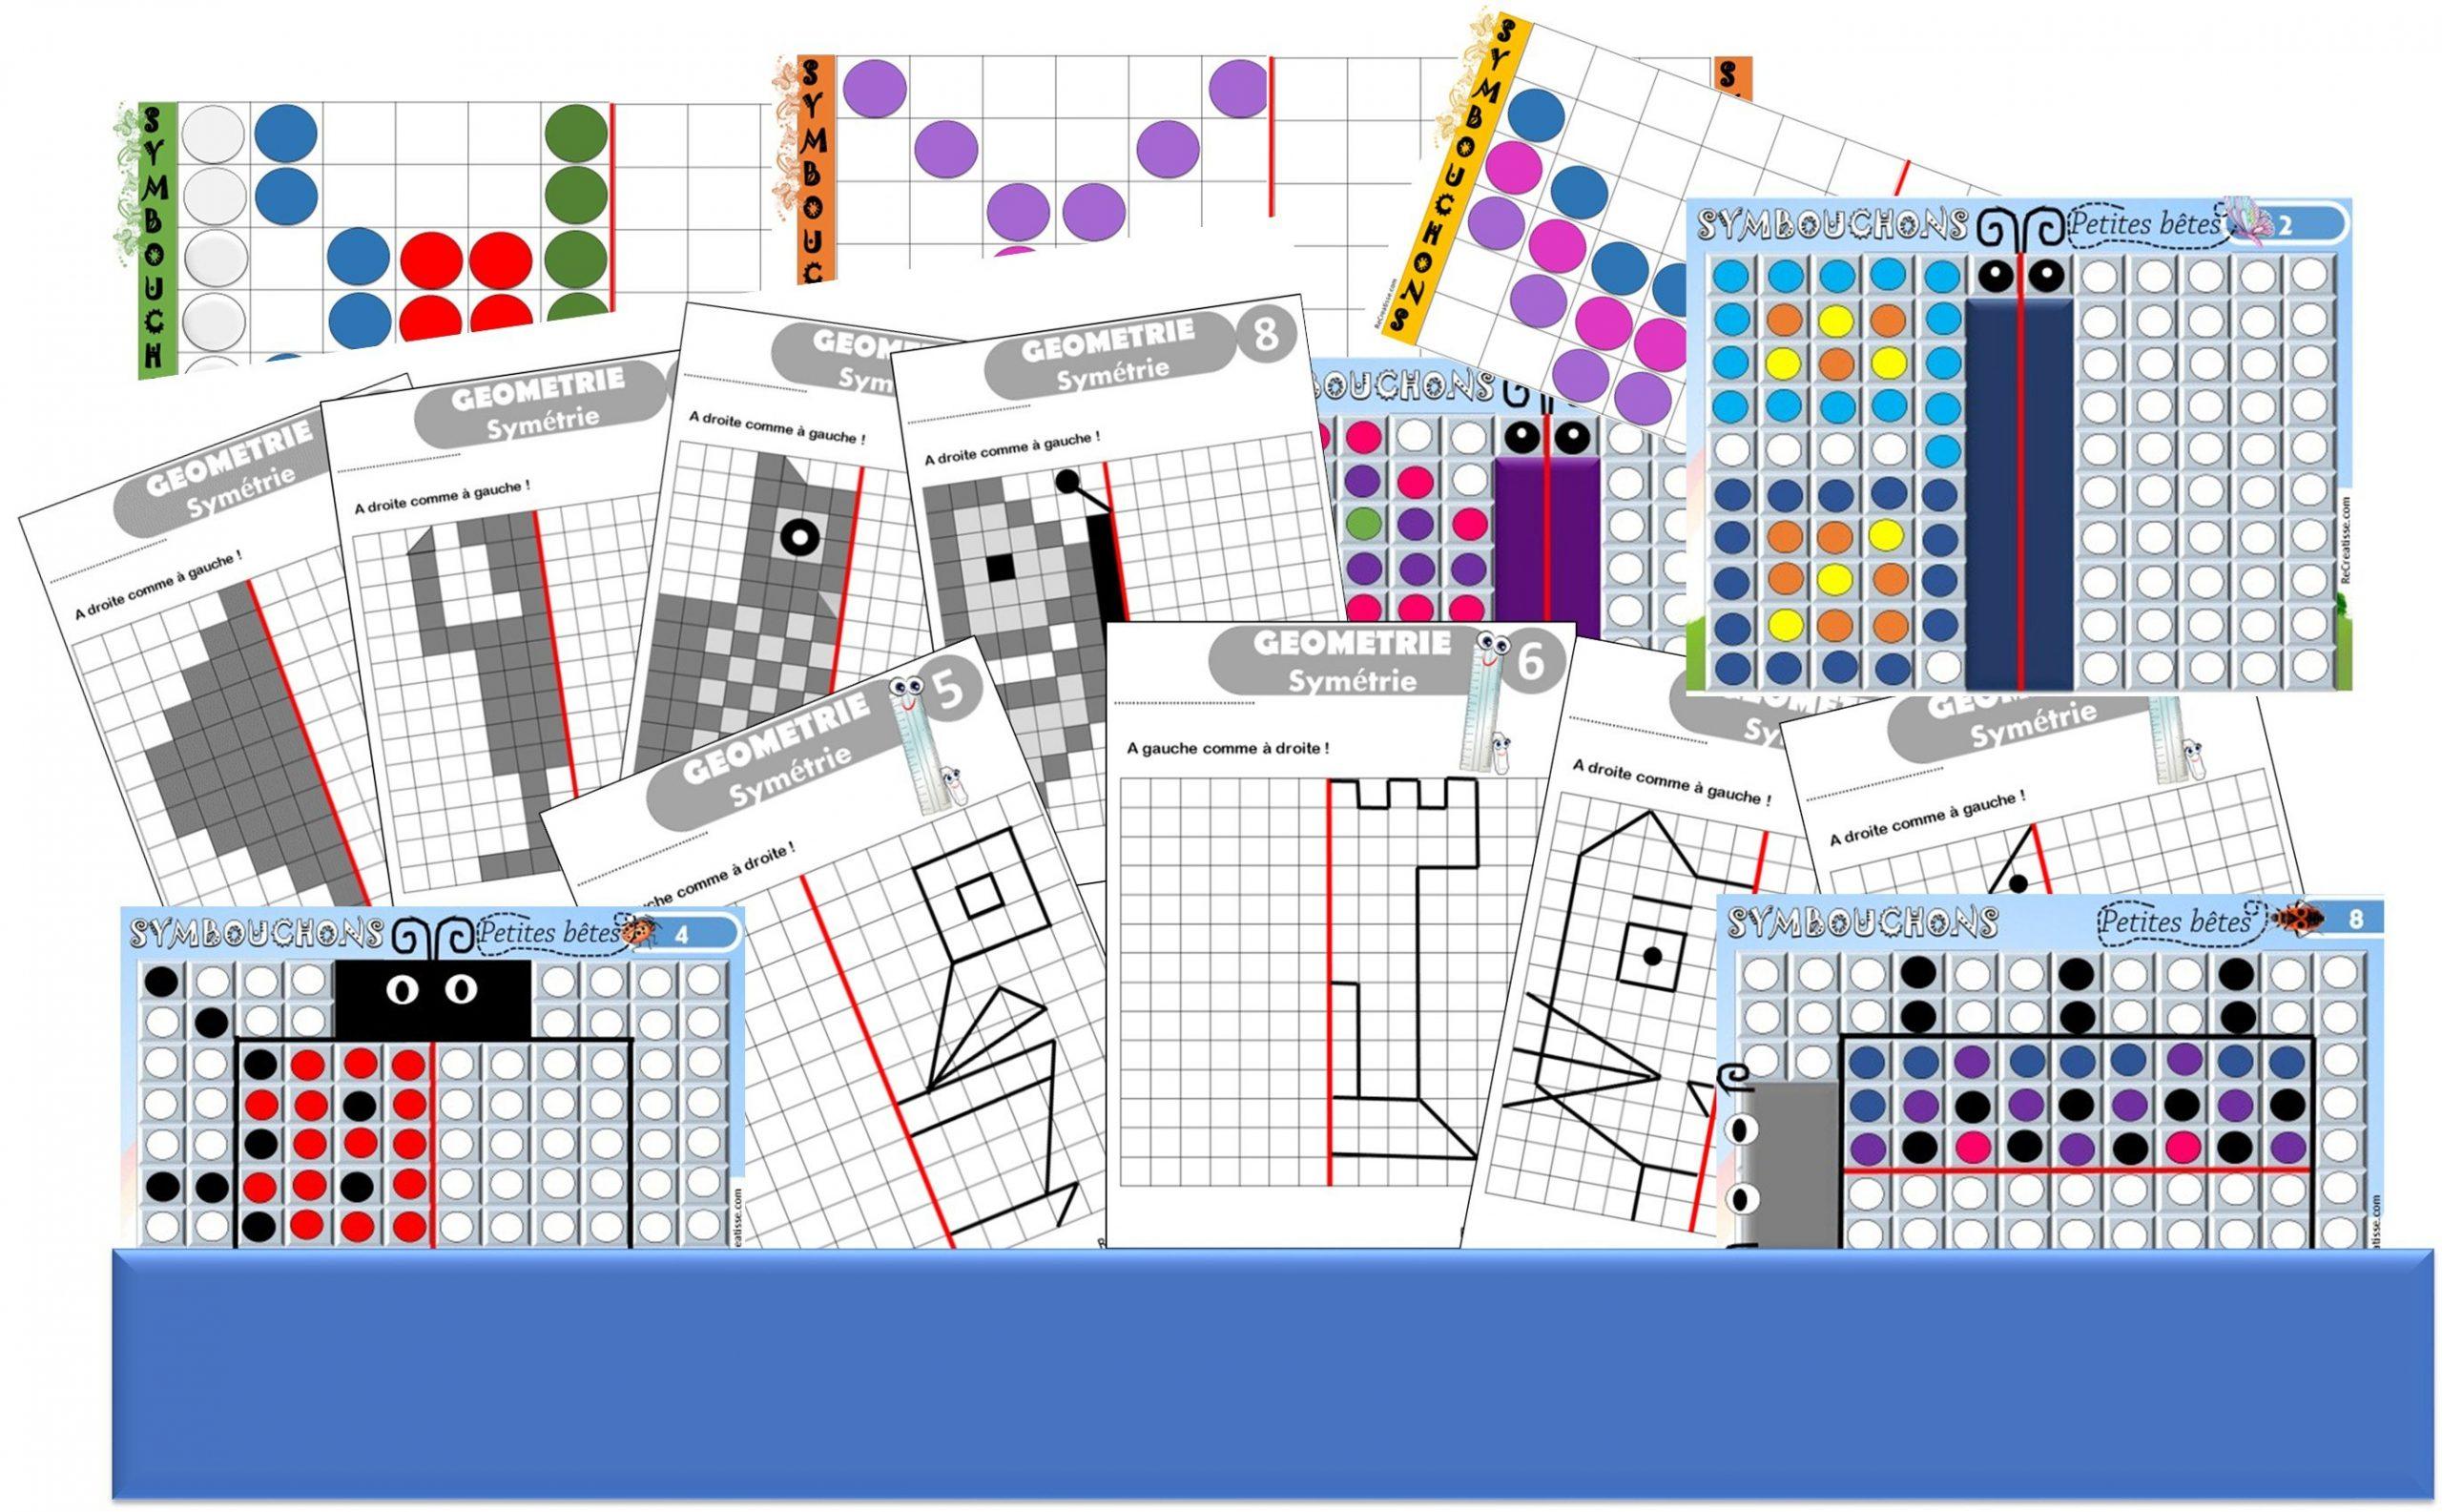 Geometrie : Ateliers Symétrie Et Exercices • Recreatisse tout Exercice Symétrie Ce1